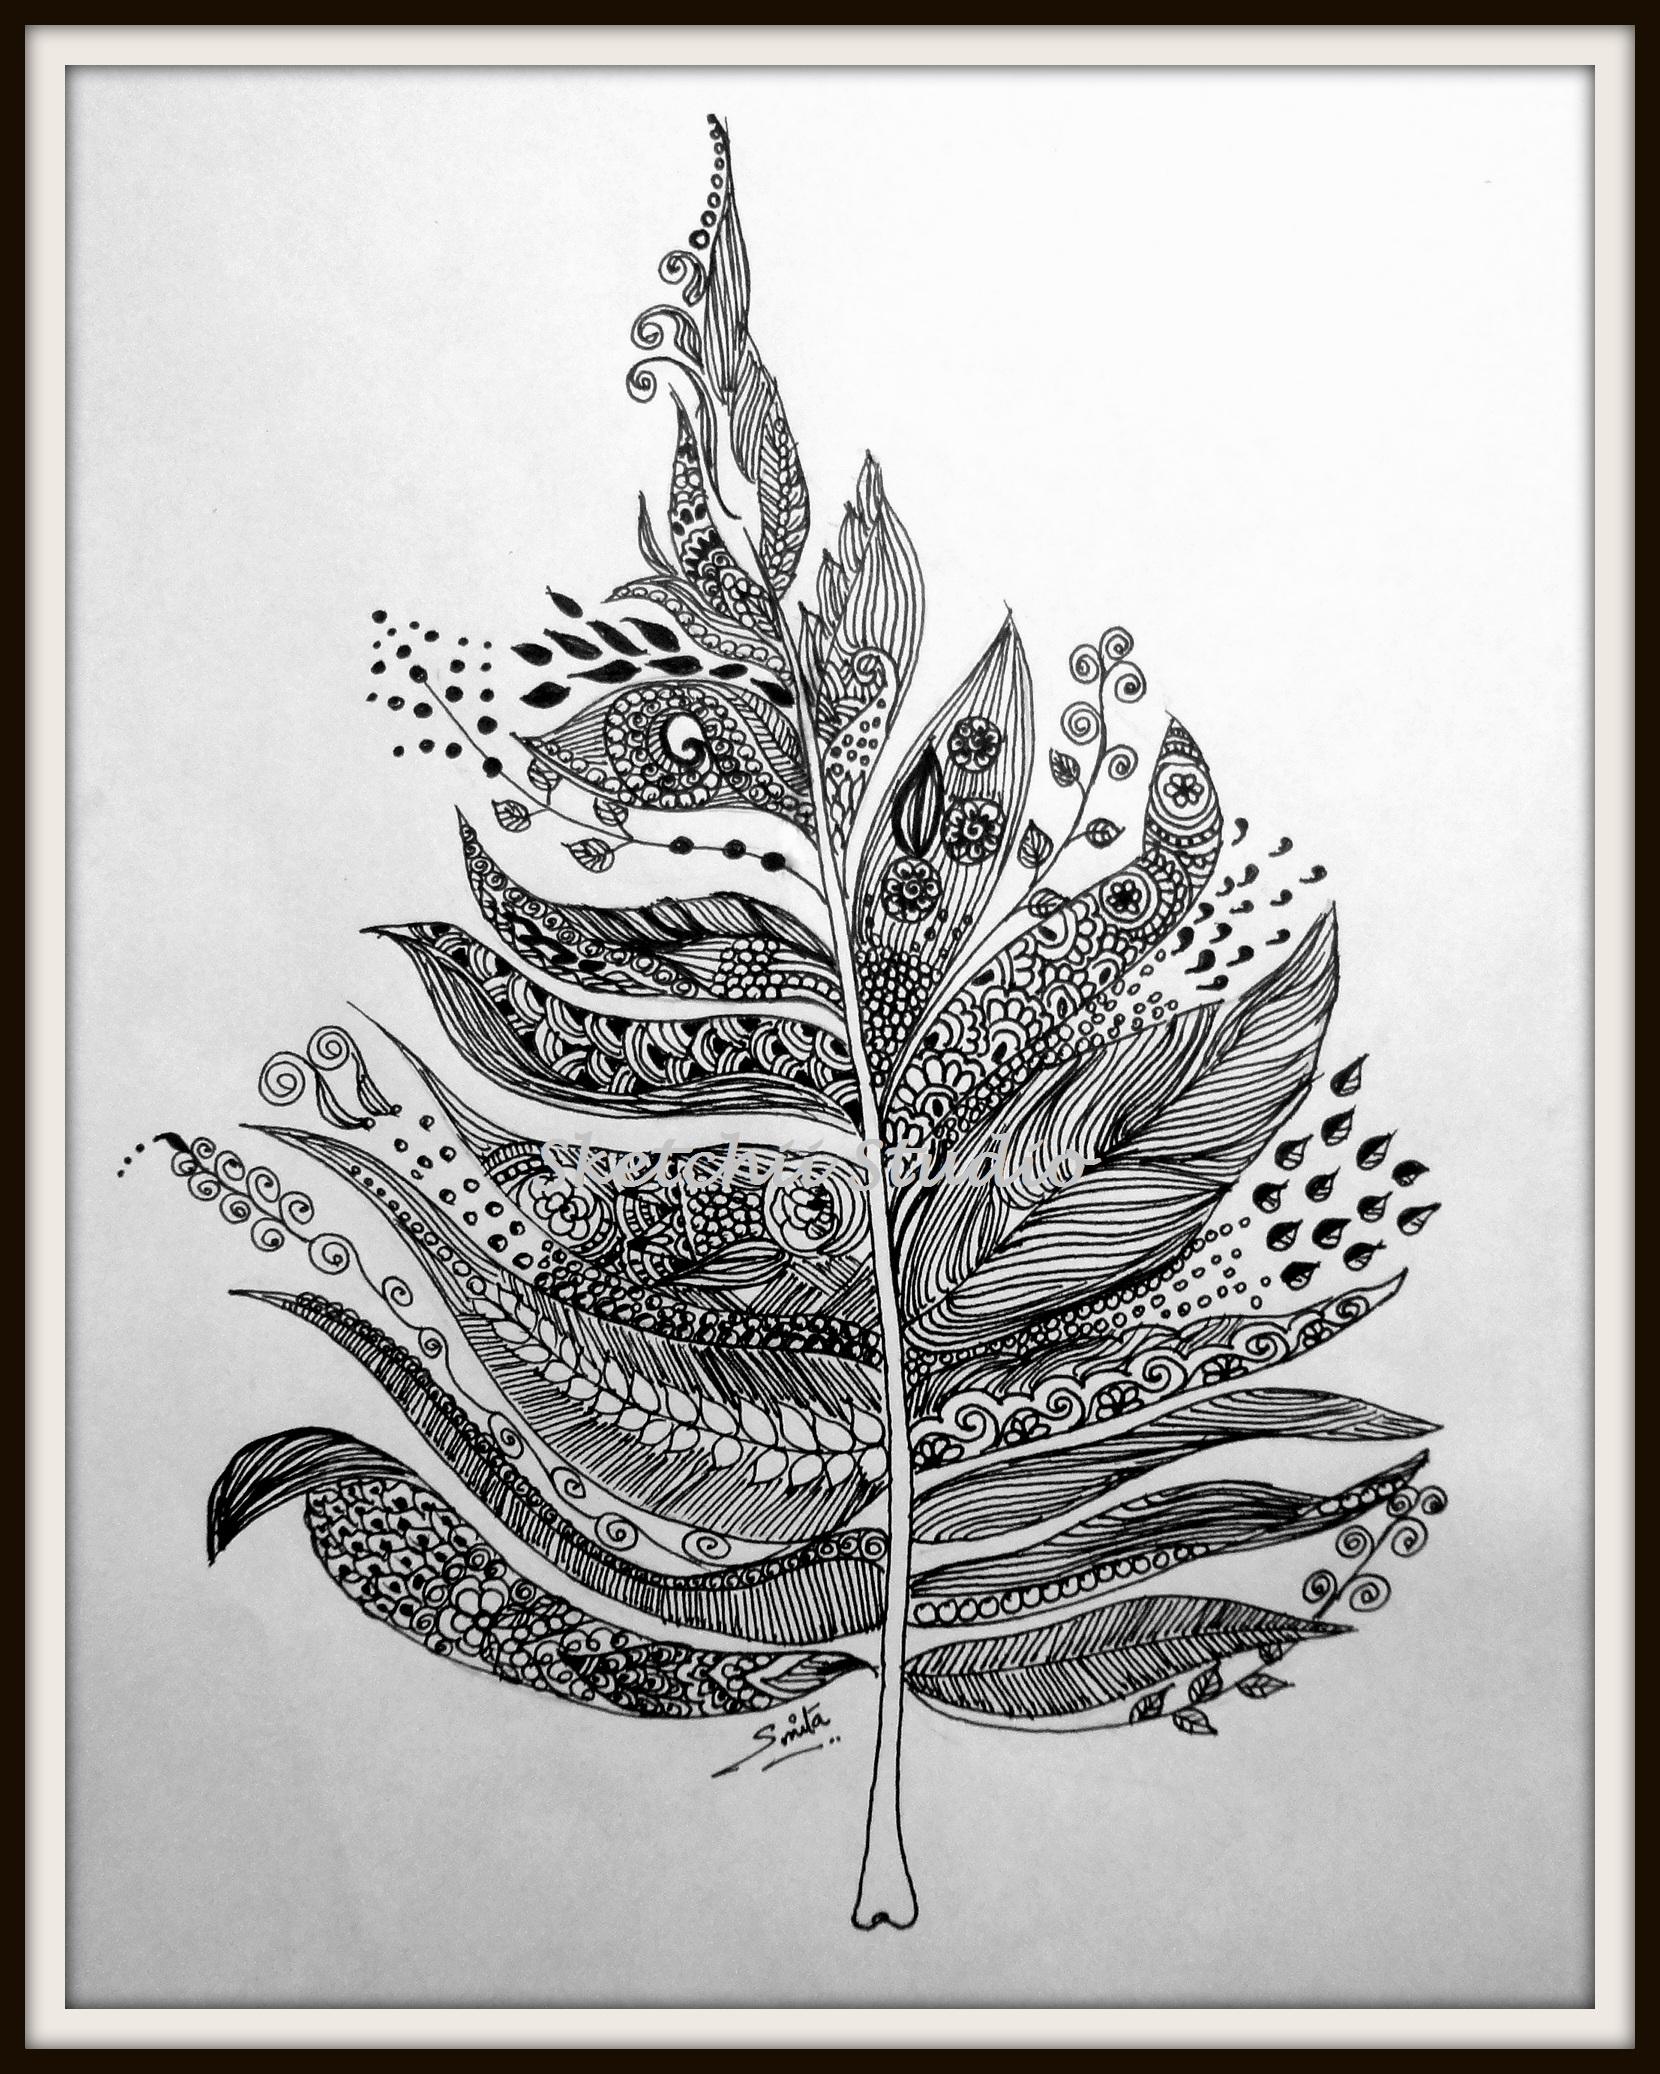 Abstract Art | Sketch studio